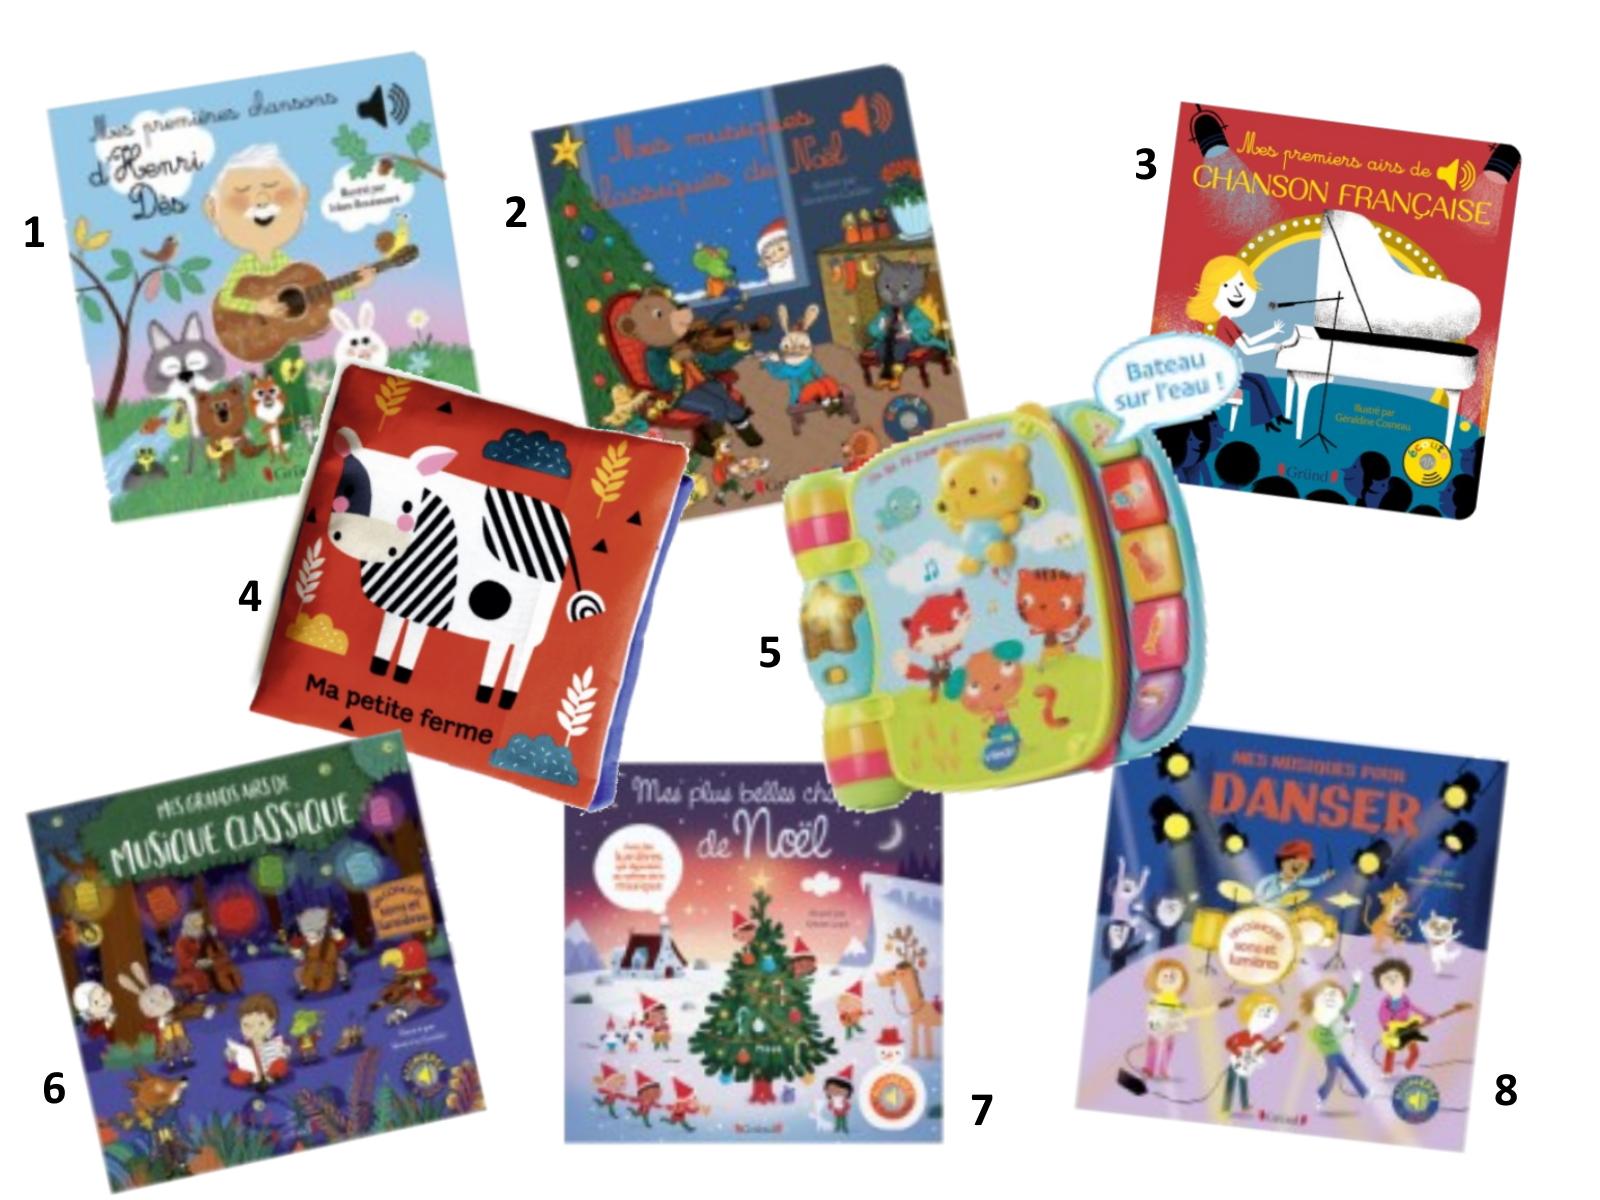 idées cadeaux sélection enfant bébé noel 6 à 12 mois jouets éveil petit prix livres sonores grund